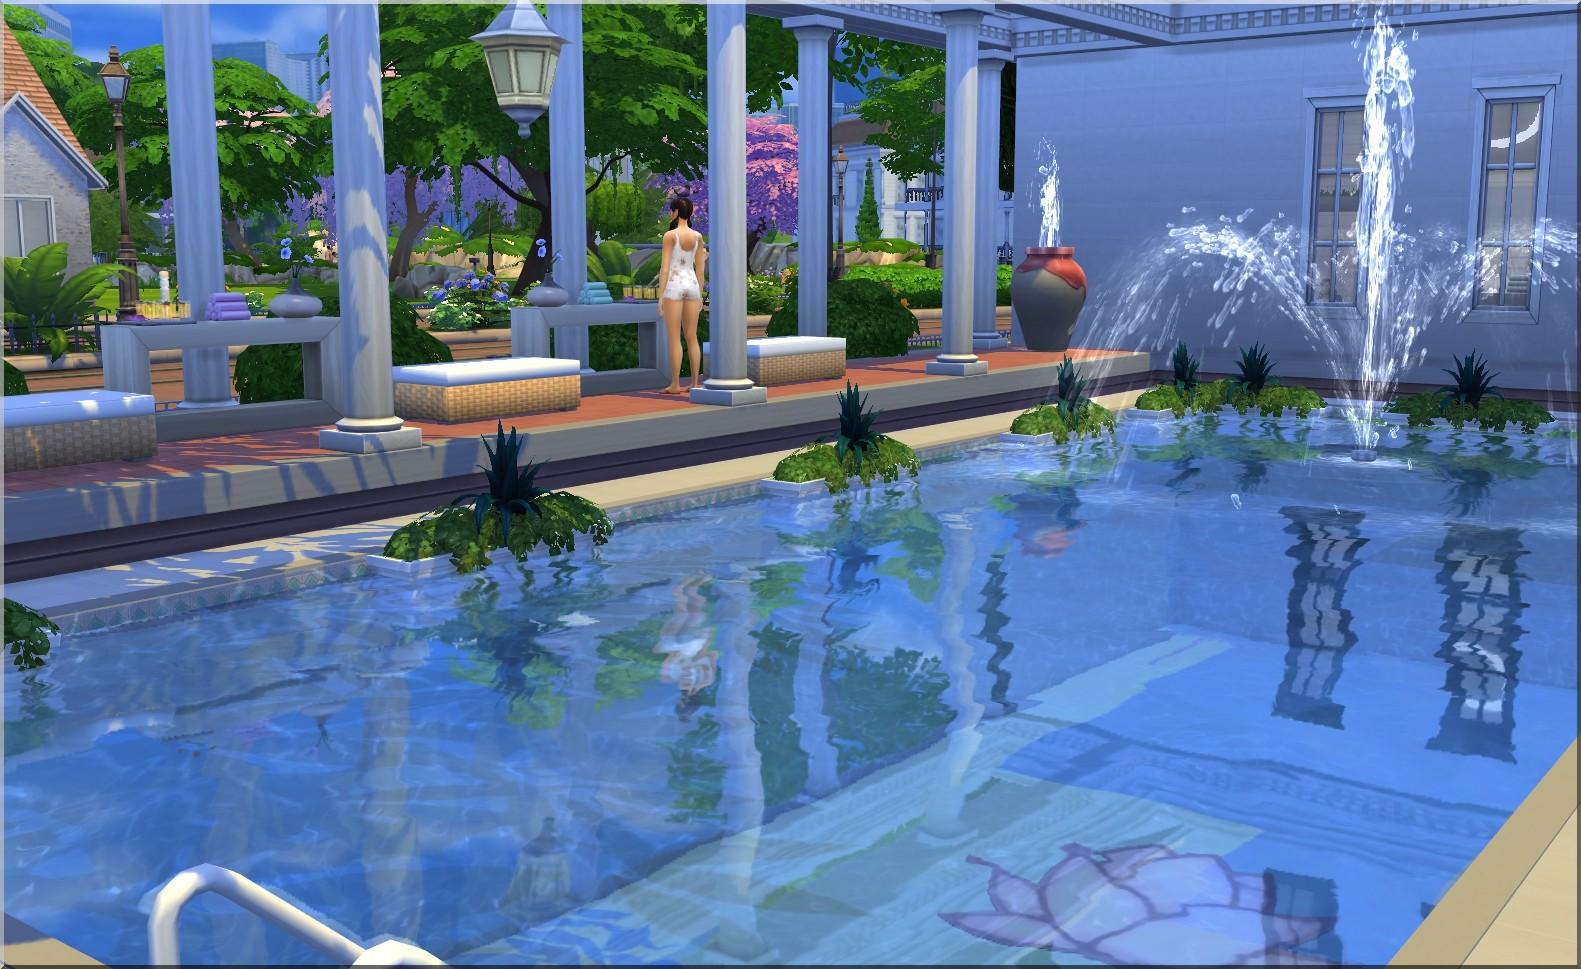 My Sims 4 Blog: Roman Baths Spa - No CC by Moni